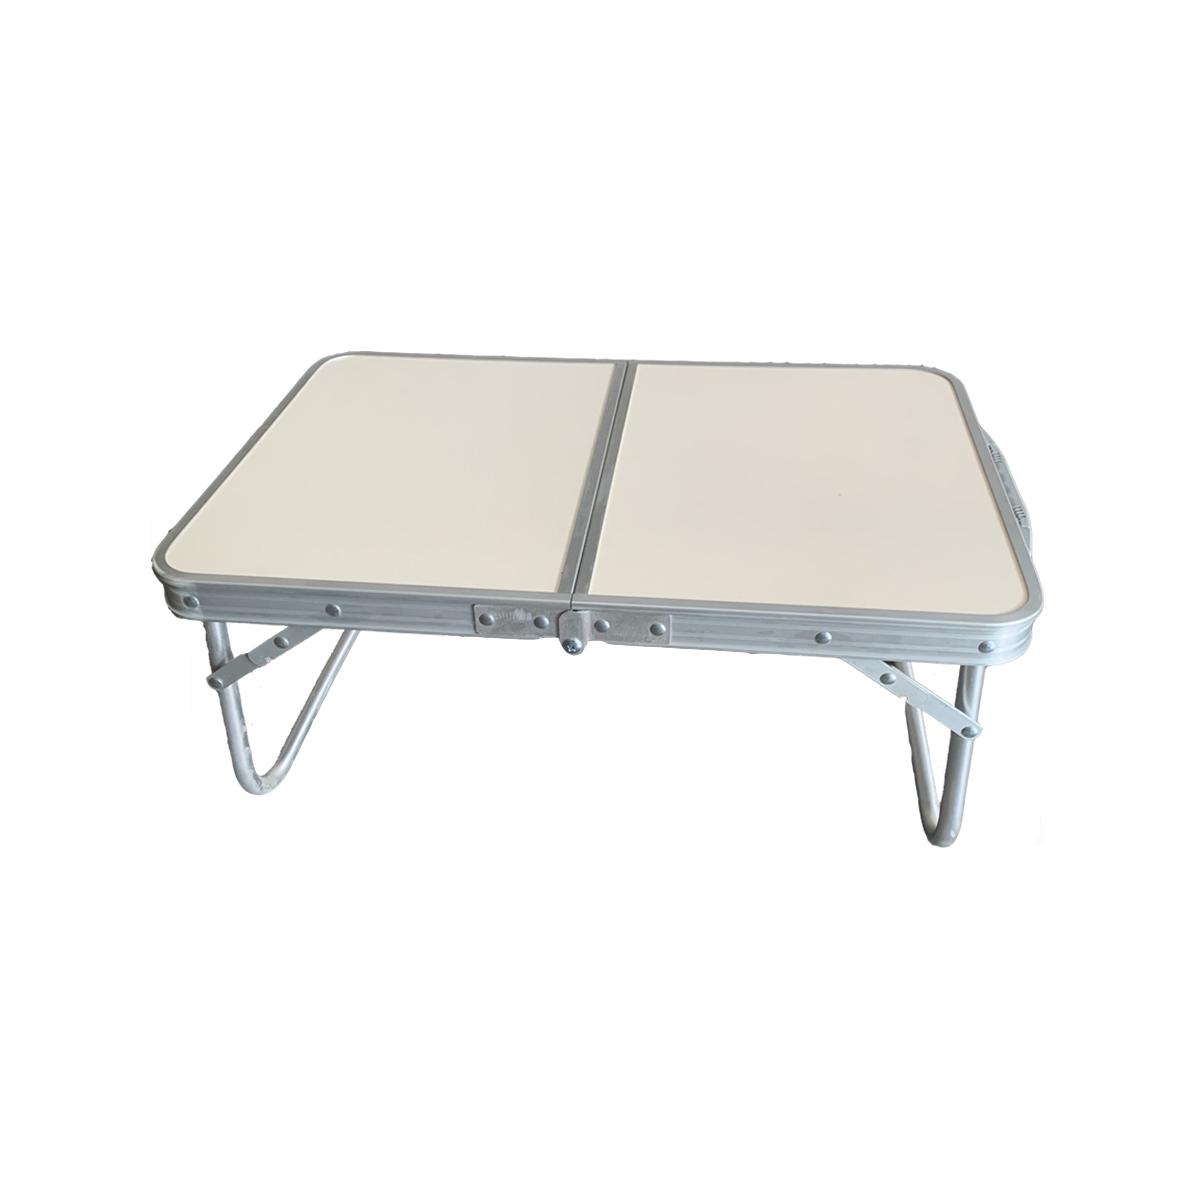 Τραπέζι Hupa Βαλιτσάκι Χαμηλό